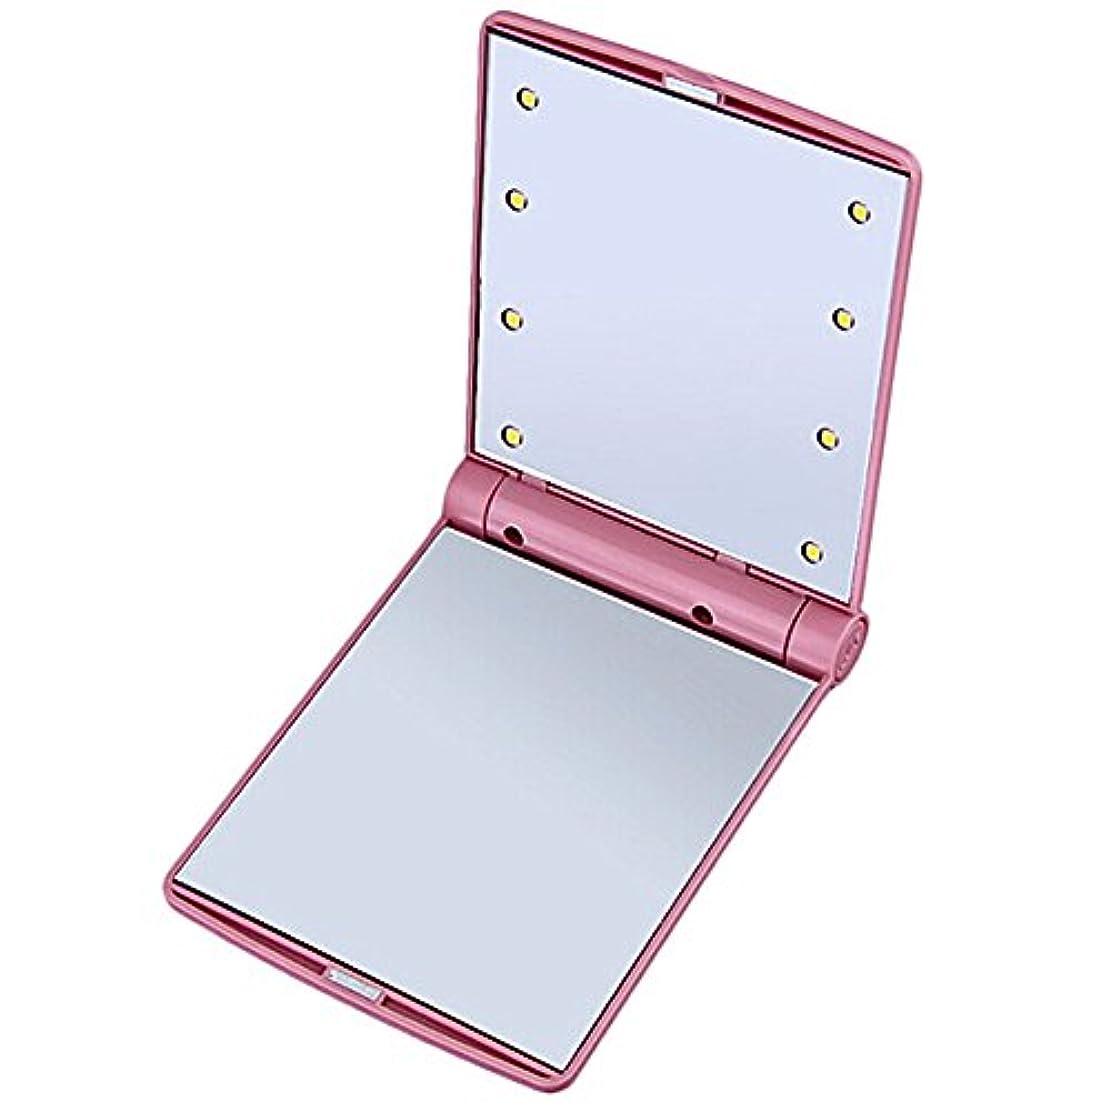 咲くピケ申請者B-PING 鏡 化粧鏡 女優ミラー 調光型二面鏡 拡大鏡付き 330度調節可能 コンパクトミラー スタンドミラー 折りたたみ式 二面鏡 LED ライト8個 無印タイプ 5色のオプション (ピンク)